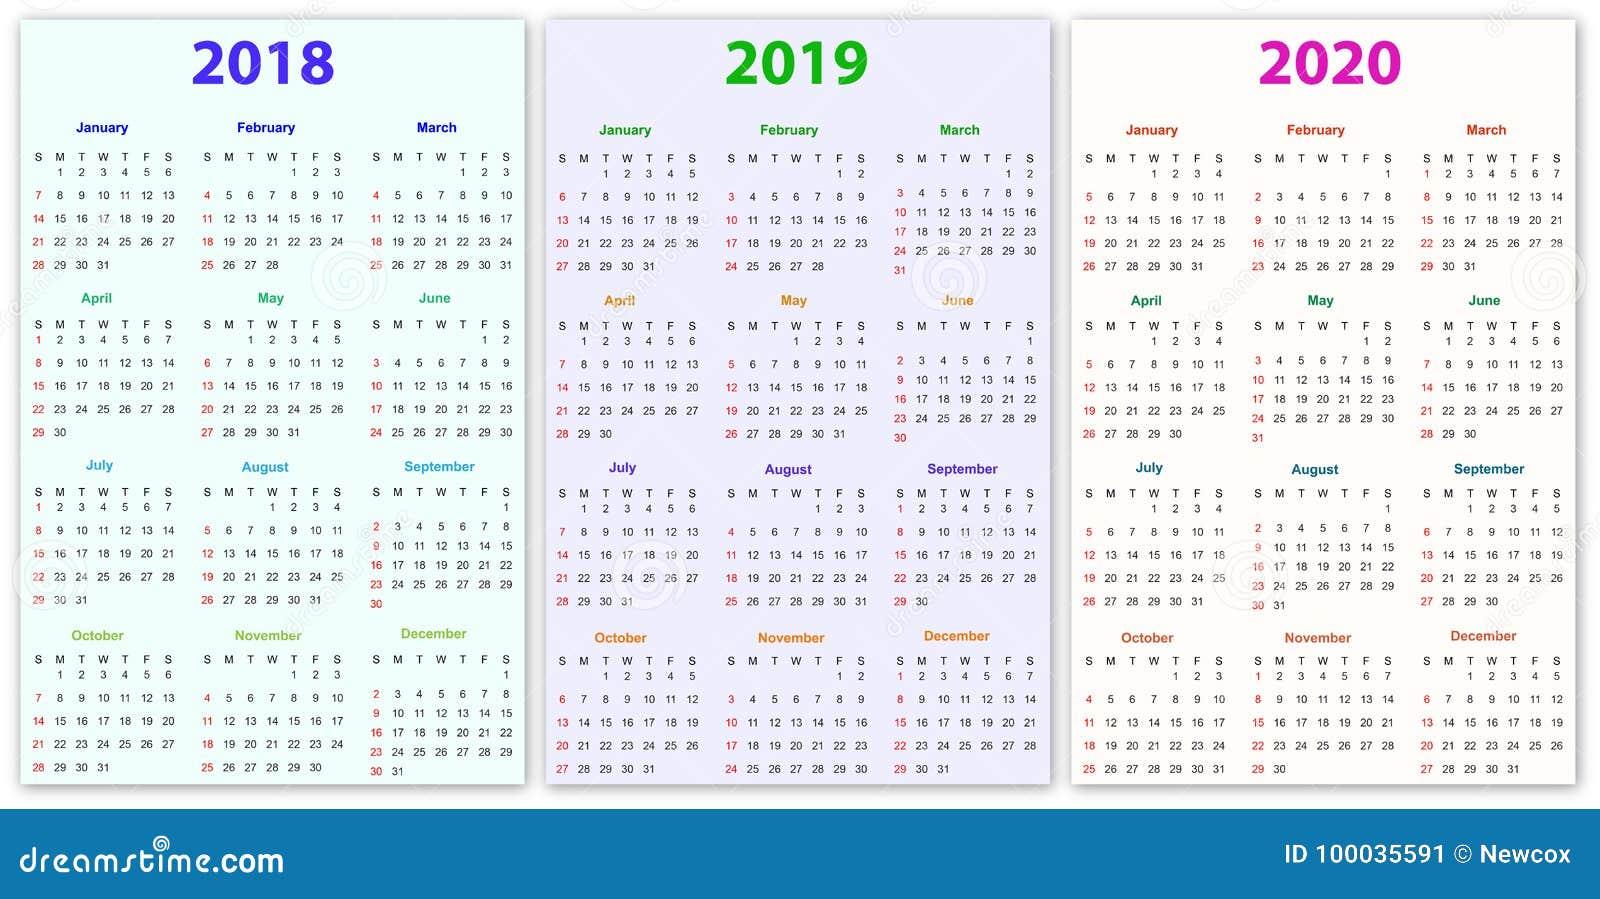 Calendario 2020 Editable Illustrator.12 Months Calendar Design 2018 2019 2020 Stock Vector